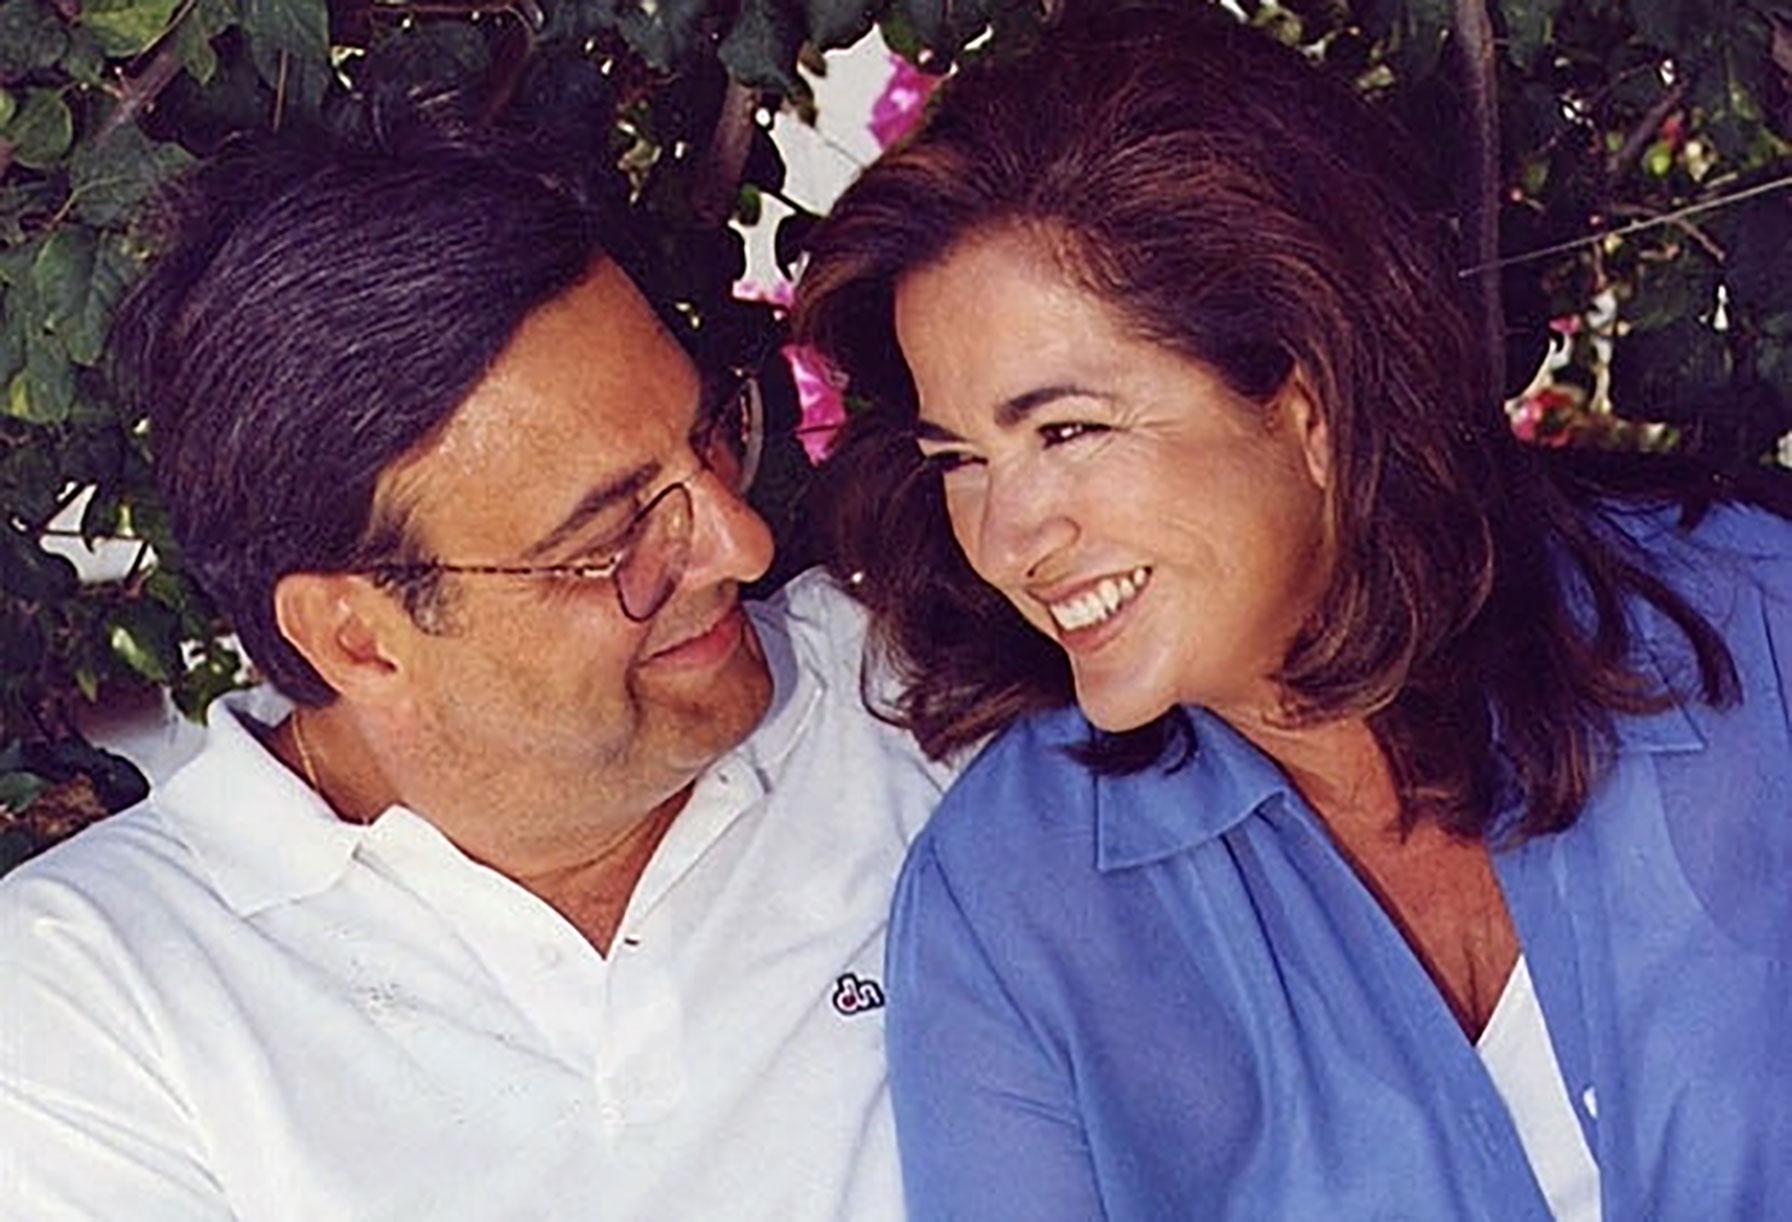 Η τρυφερή φωτογραφία της Ντόρας Μπακογιάννη για τα 22 χρόνια γάμου